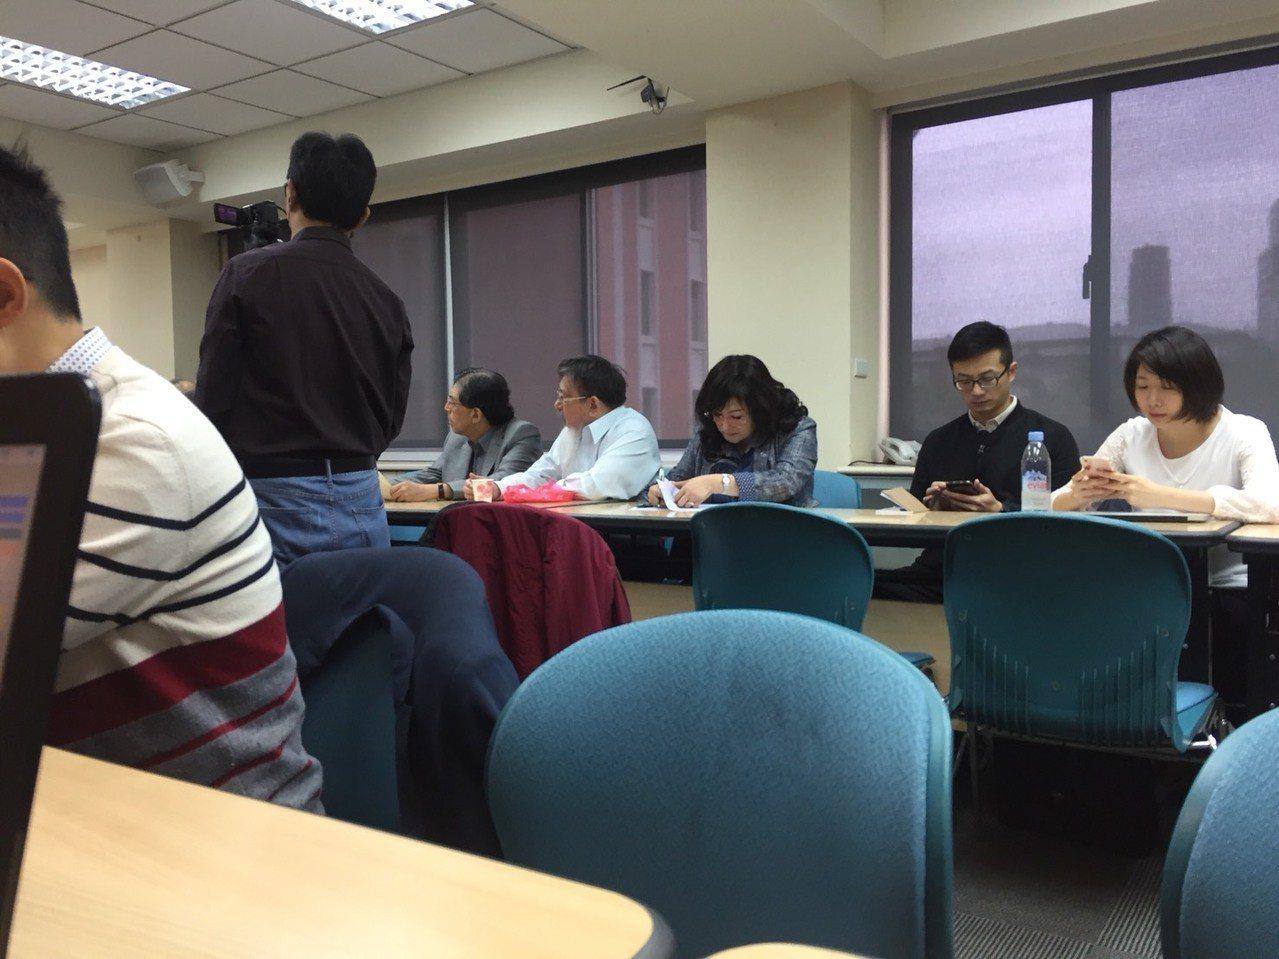 律師張靜(右4)現身研討會。記者賴佩璇/攝影。